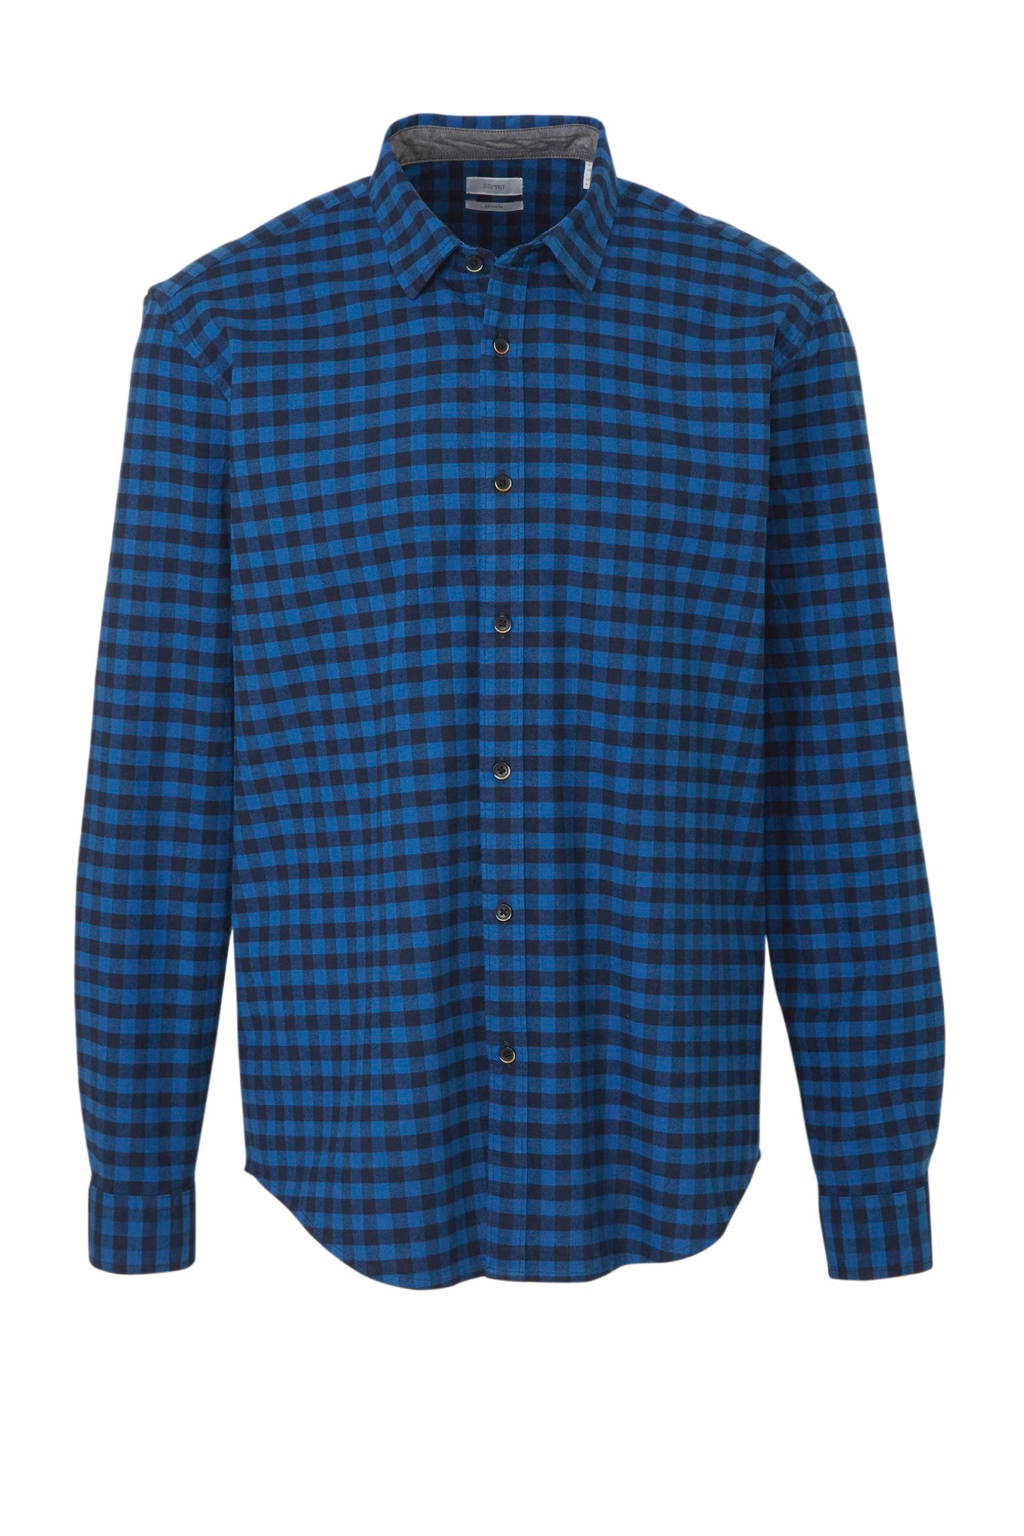 ESPRIT Men Casual regular fit overhemd met all over print blauw/zwart, Blauw/zwart